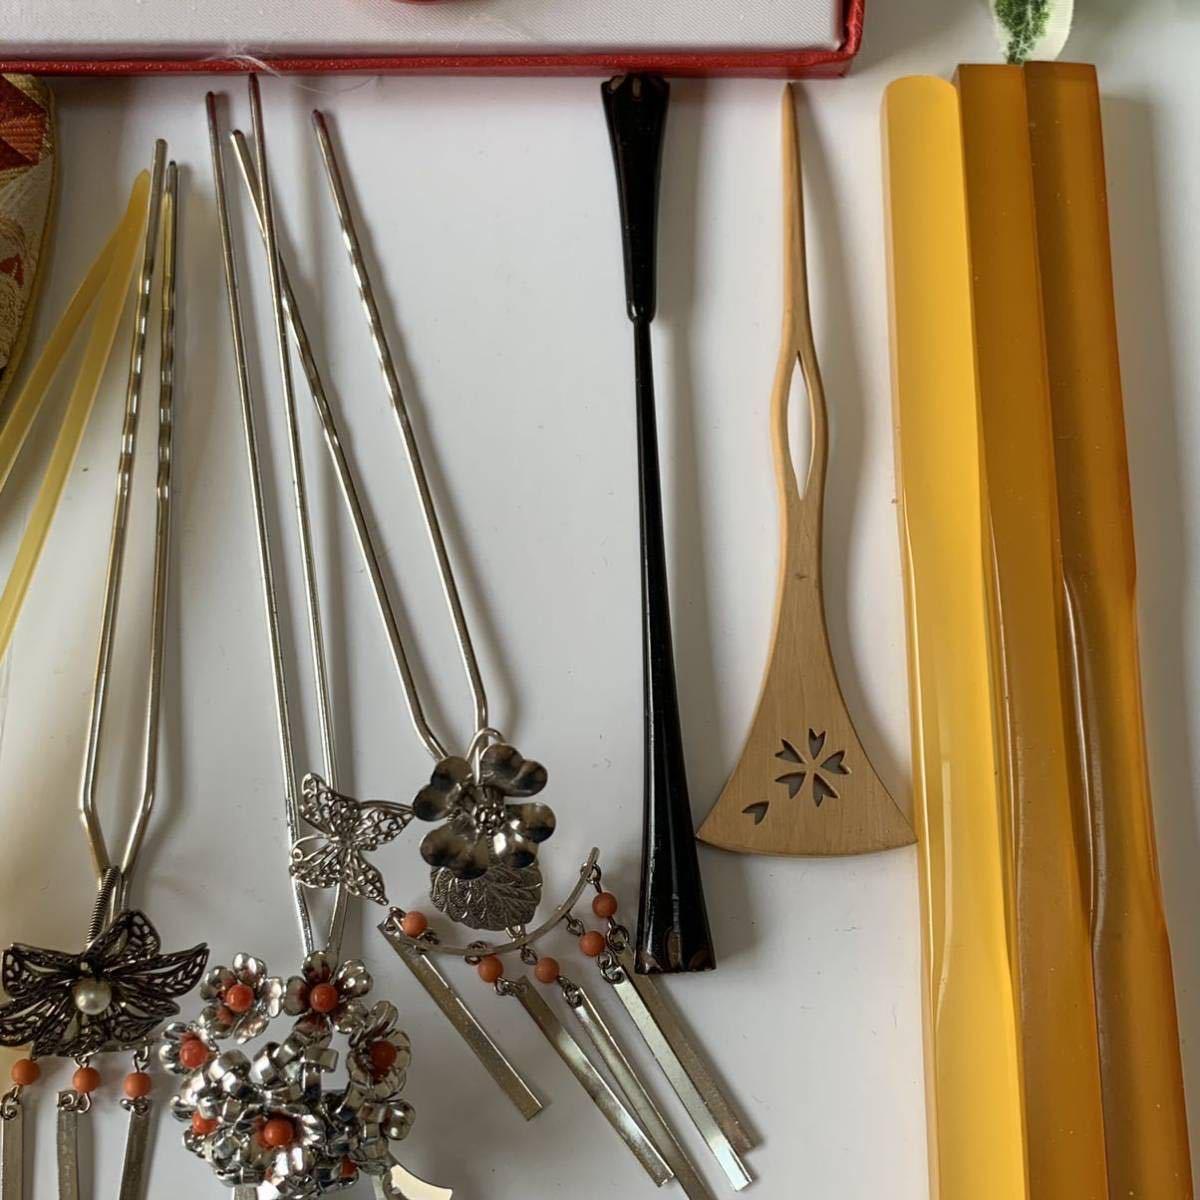 かんざし くし 和装小物 アンティーク レトロ 簪 櫛 螺鈿細工 鼈甲 螺鈿 着物 髪飾り_画像7